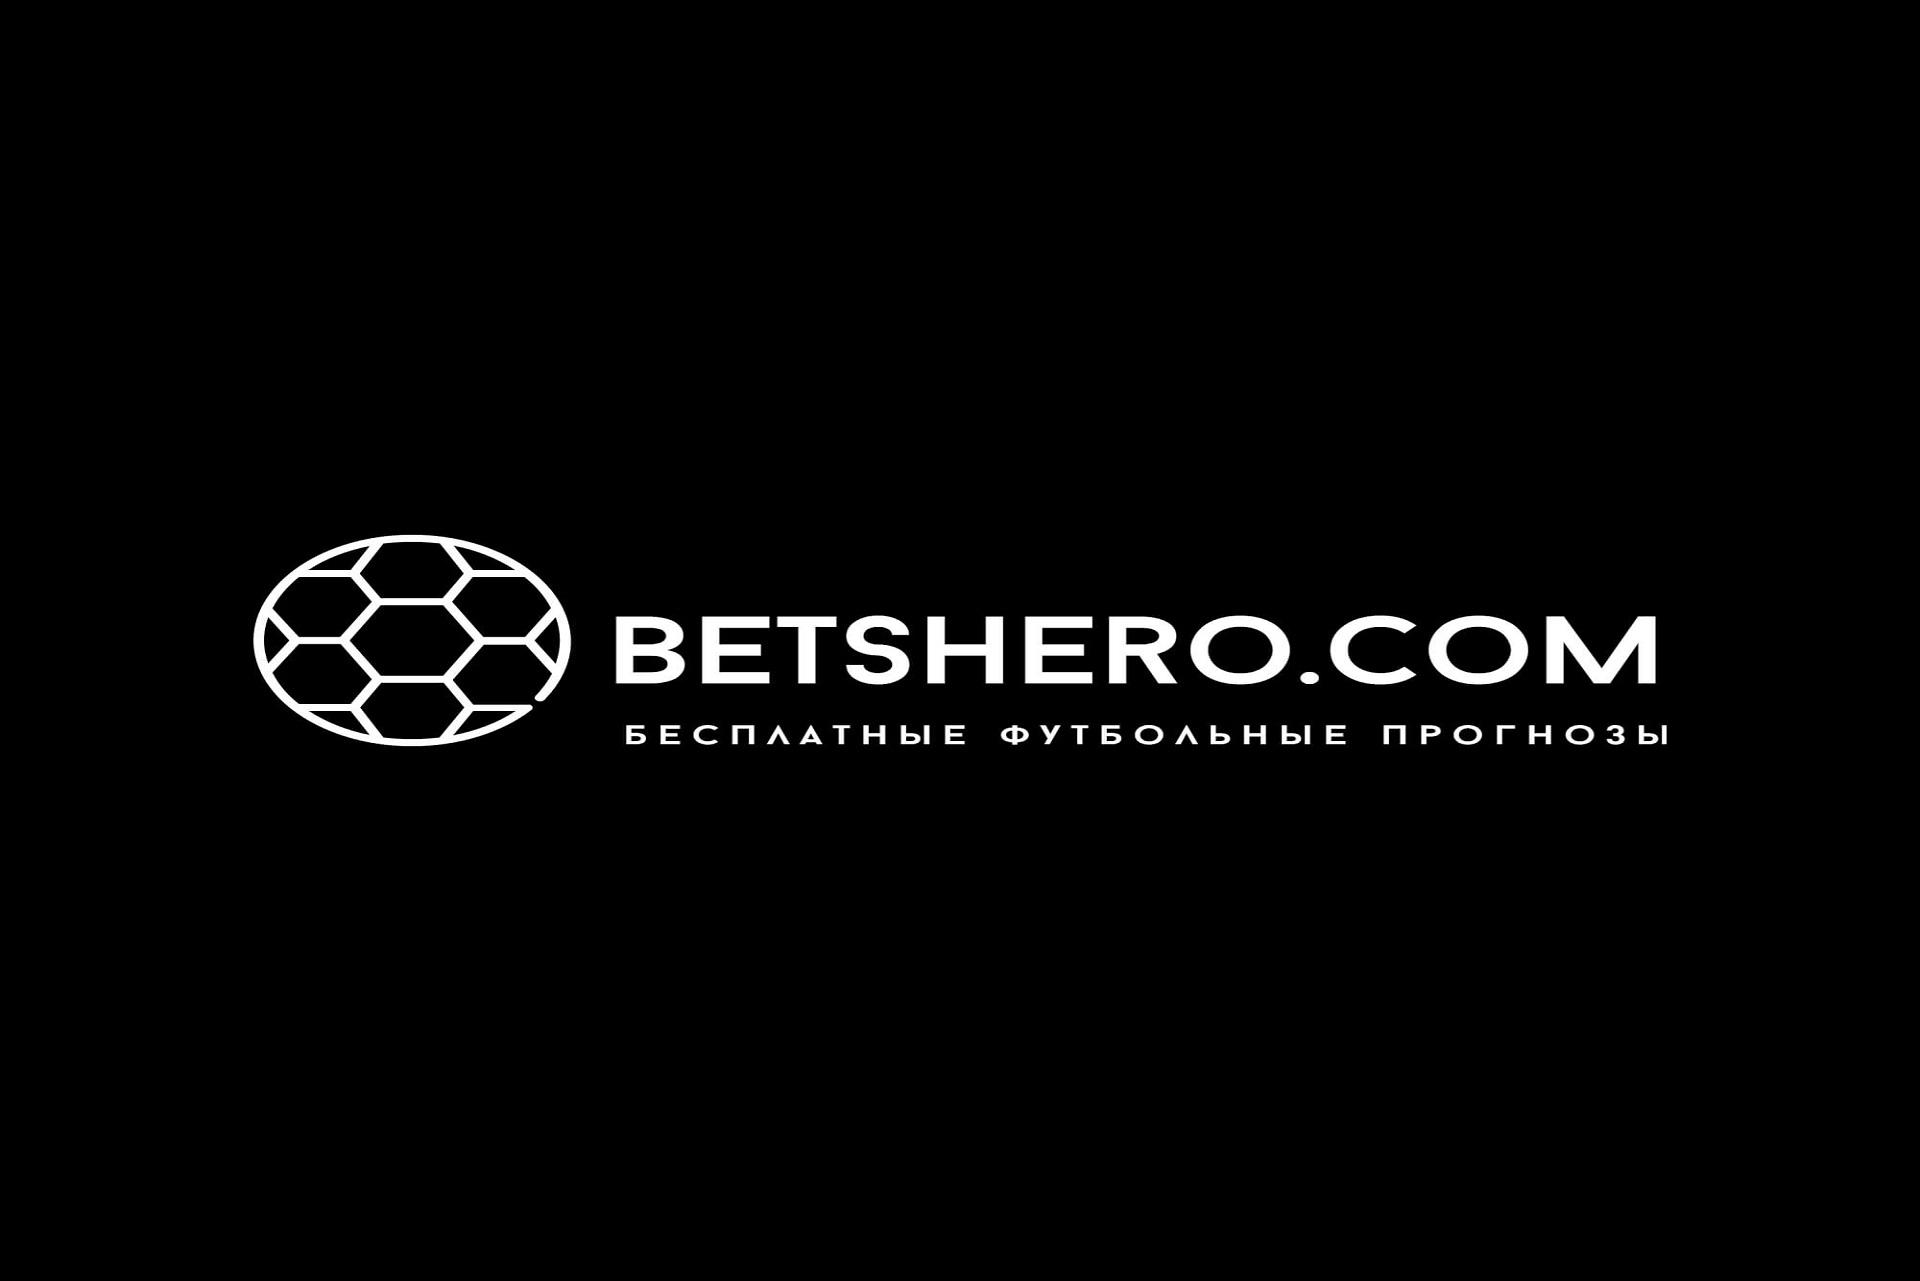 Как пользоваться сайтом «BetsHero.com»